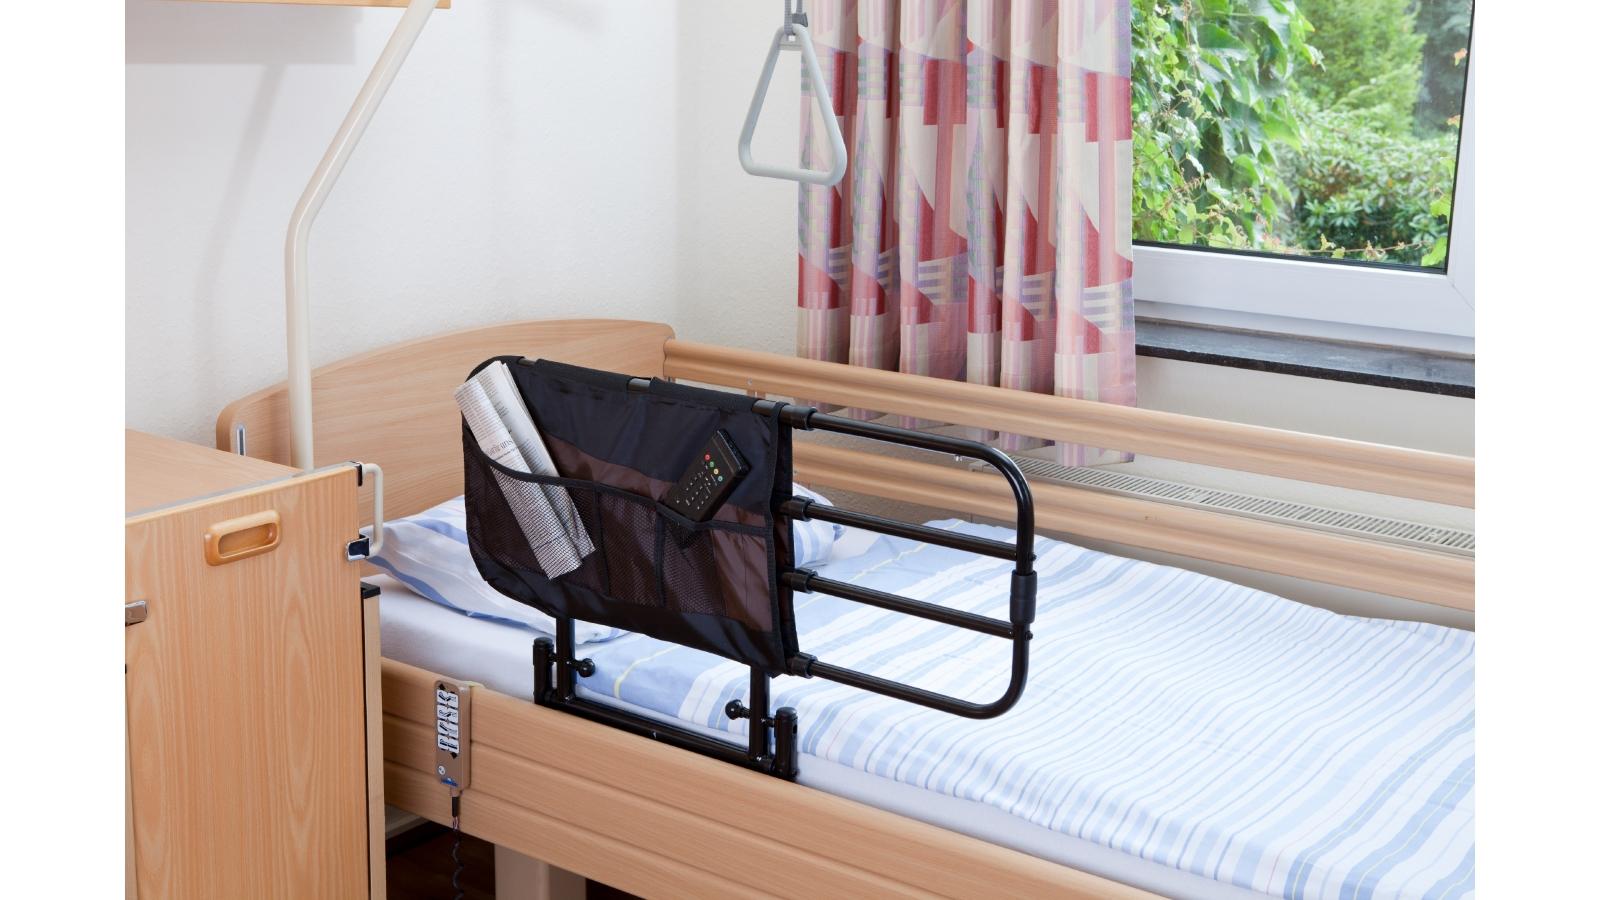 Full Size of Rausfallschutz Bett Selber Machen Ikea Klappbar Reisen Holz Küche Selbst Zusammenstellen Wohnzimmer Rausfallschutz Selbst Gemacht